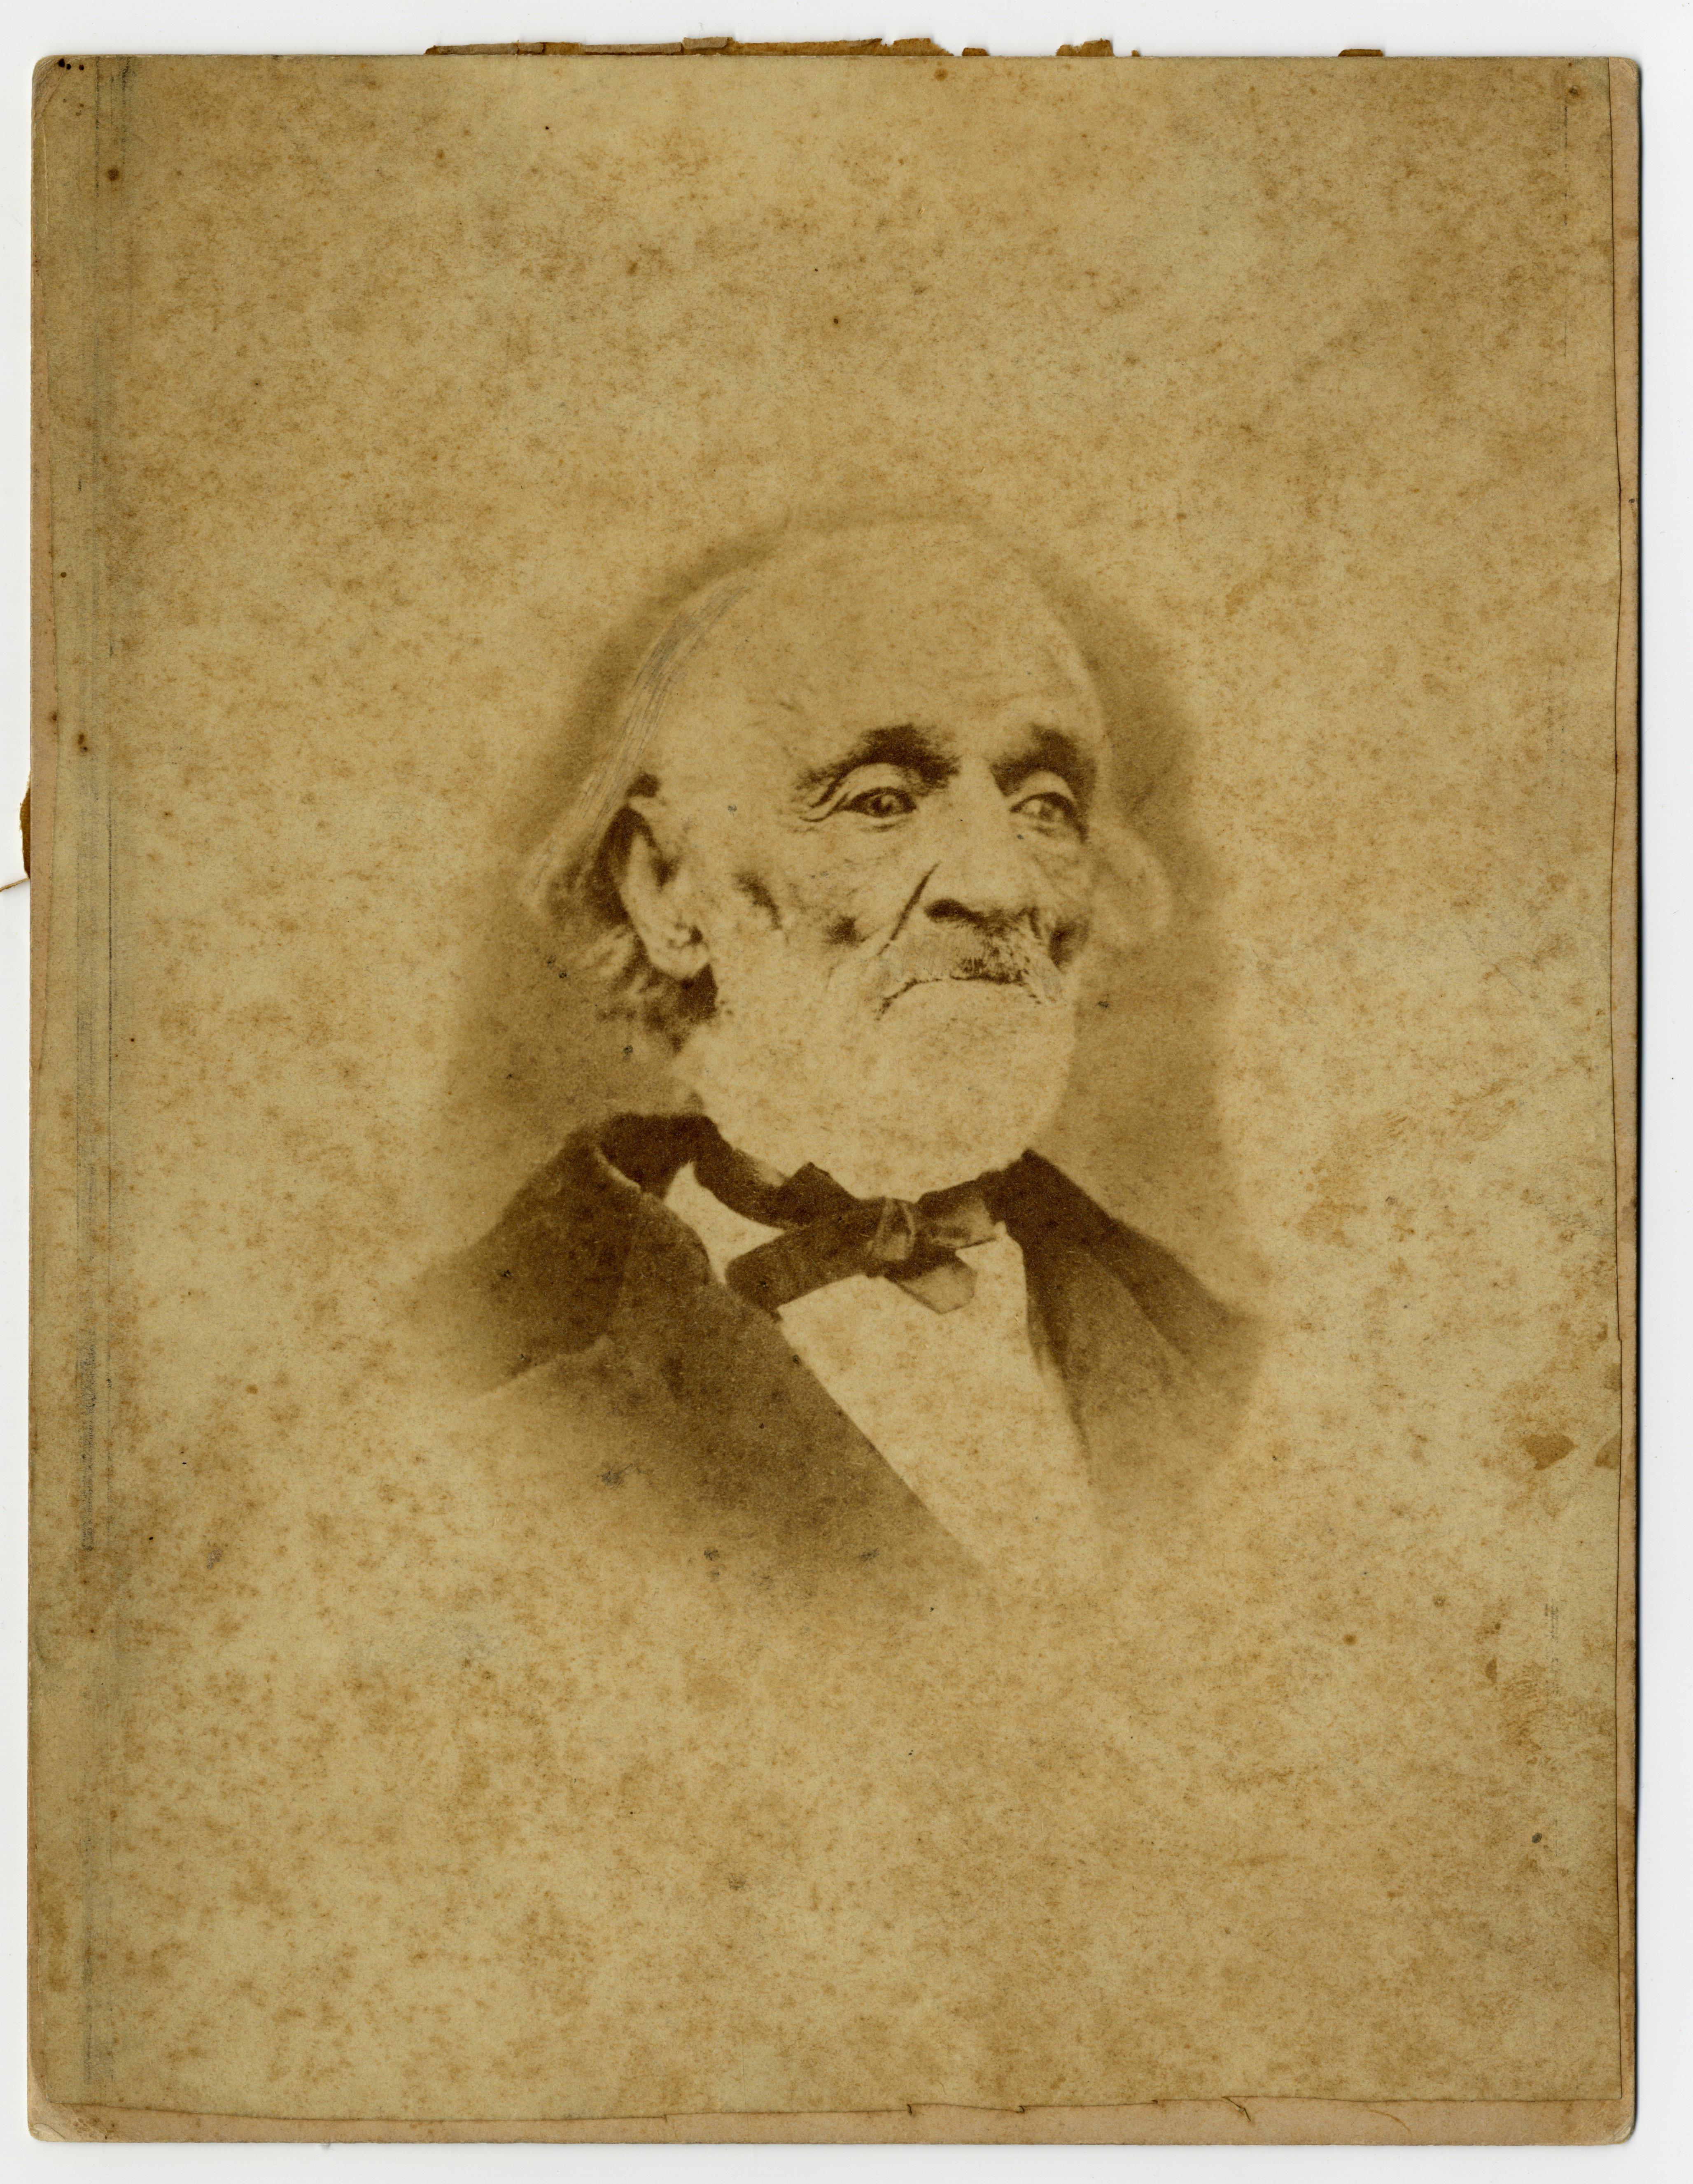 Samuel Briggs Todd, Born near Lexington, Kentucky, May 15th